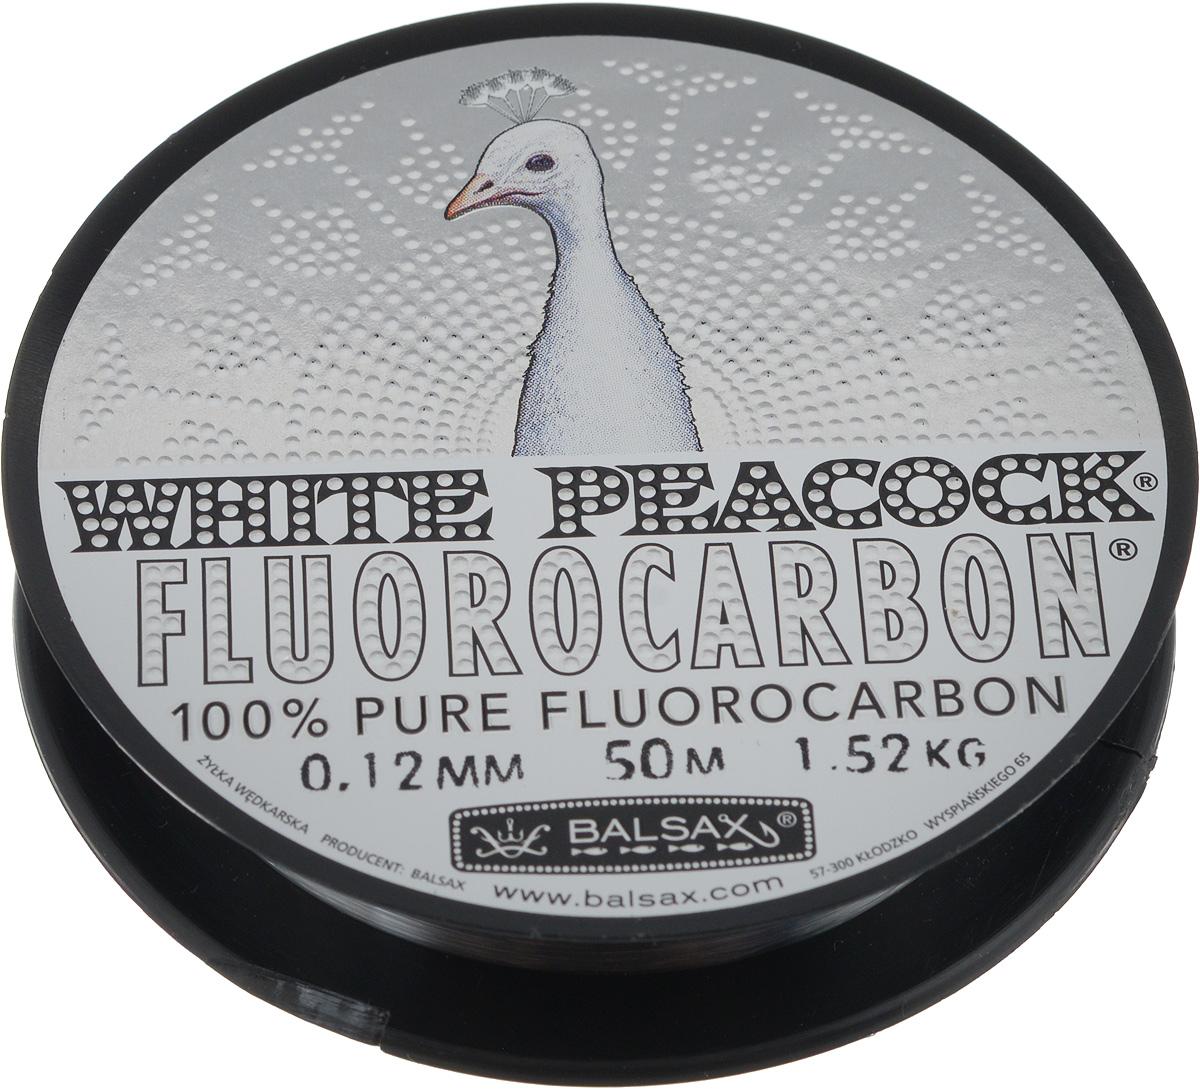 Леска флюорокарбоновая Balsax White Peacock, 50 м, 0,12 мм, 1,52 кг314-09012Флюорокарбоновая леска Balsax White Peacock становится абсолютно невидимой в воде. Обычные лески отражают световые лучи, поэтому рыбы их обнаруживают. Флюорокарбон имеет приближенный к воде коэффициент преломления, поэтому пропускает сквозь себя свет, не давая отражений. Рыбы не видят флюорокарбон. Многие рыболовы во всем мире используют подобные лески в качестве поводковых, благодаря чему получают более лучшие результаты.Флюорокарбон на 50% тяжелее обычных лесок и на 78% тяжелее воды. Понятно, почему этот материал используется для рыболовных лесок, он тонет очень быстро. Флюорокарбон не впитывает воду даже через 100 часов нахождения в ней. Обычные лески впитывают до 10% воды в течение 24 часов, что приводит к потере 5 - 10% прочности. Сопротивляемость флюорокарбона к истиранию значительно больше, чем у обычных лесок. Он выдерживает температуры от -40°C до +160°C.